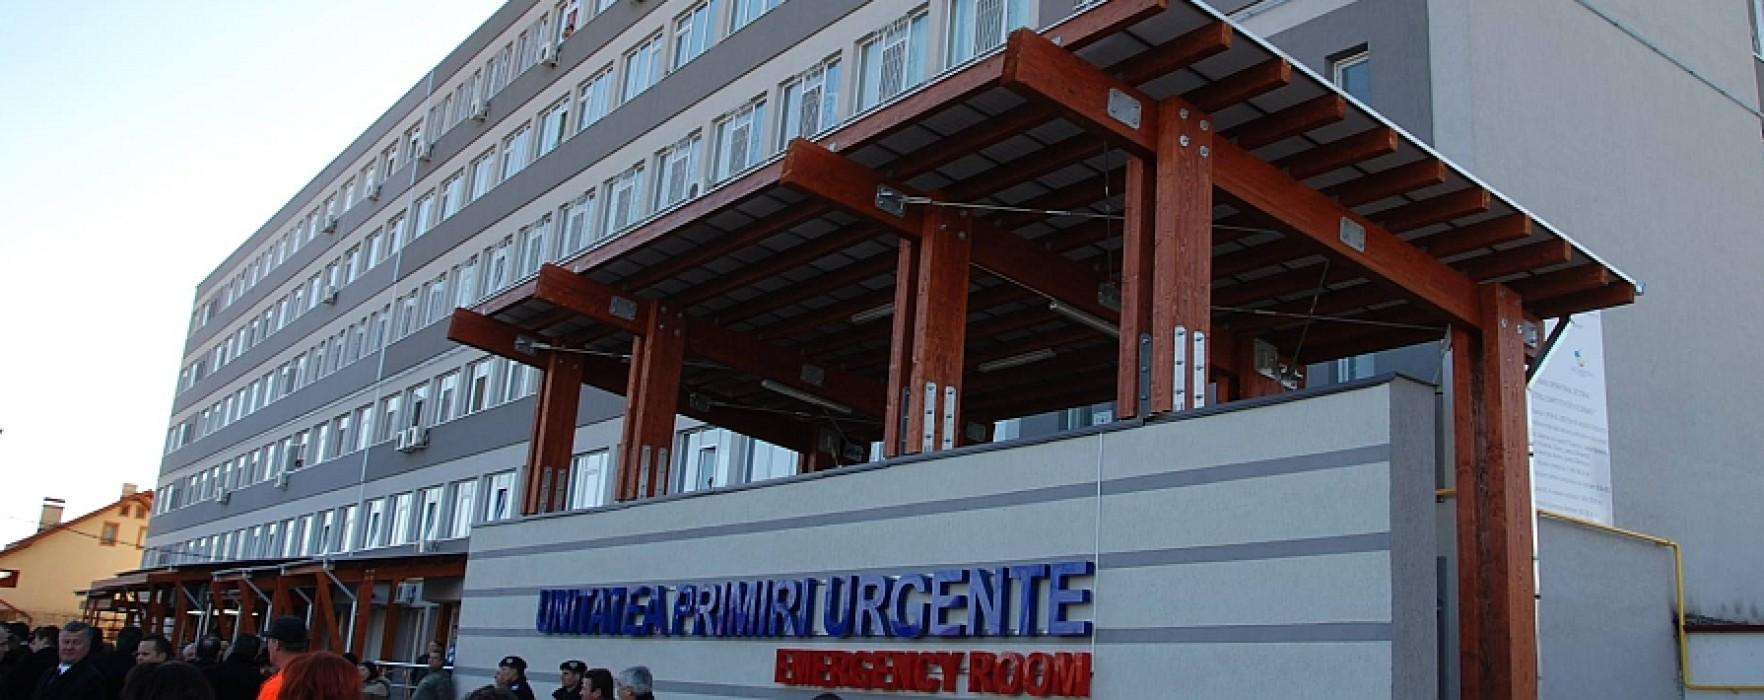 Alertă în toate spitalele din ţară! Bacterie periculoasă, descoperită în soluţia dezinfectantă